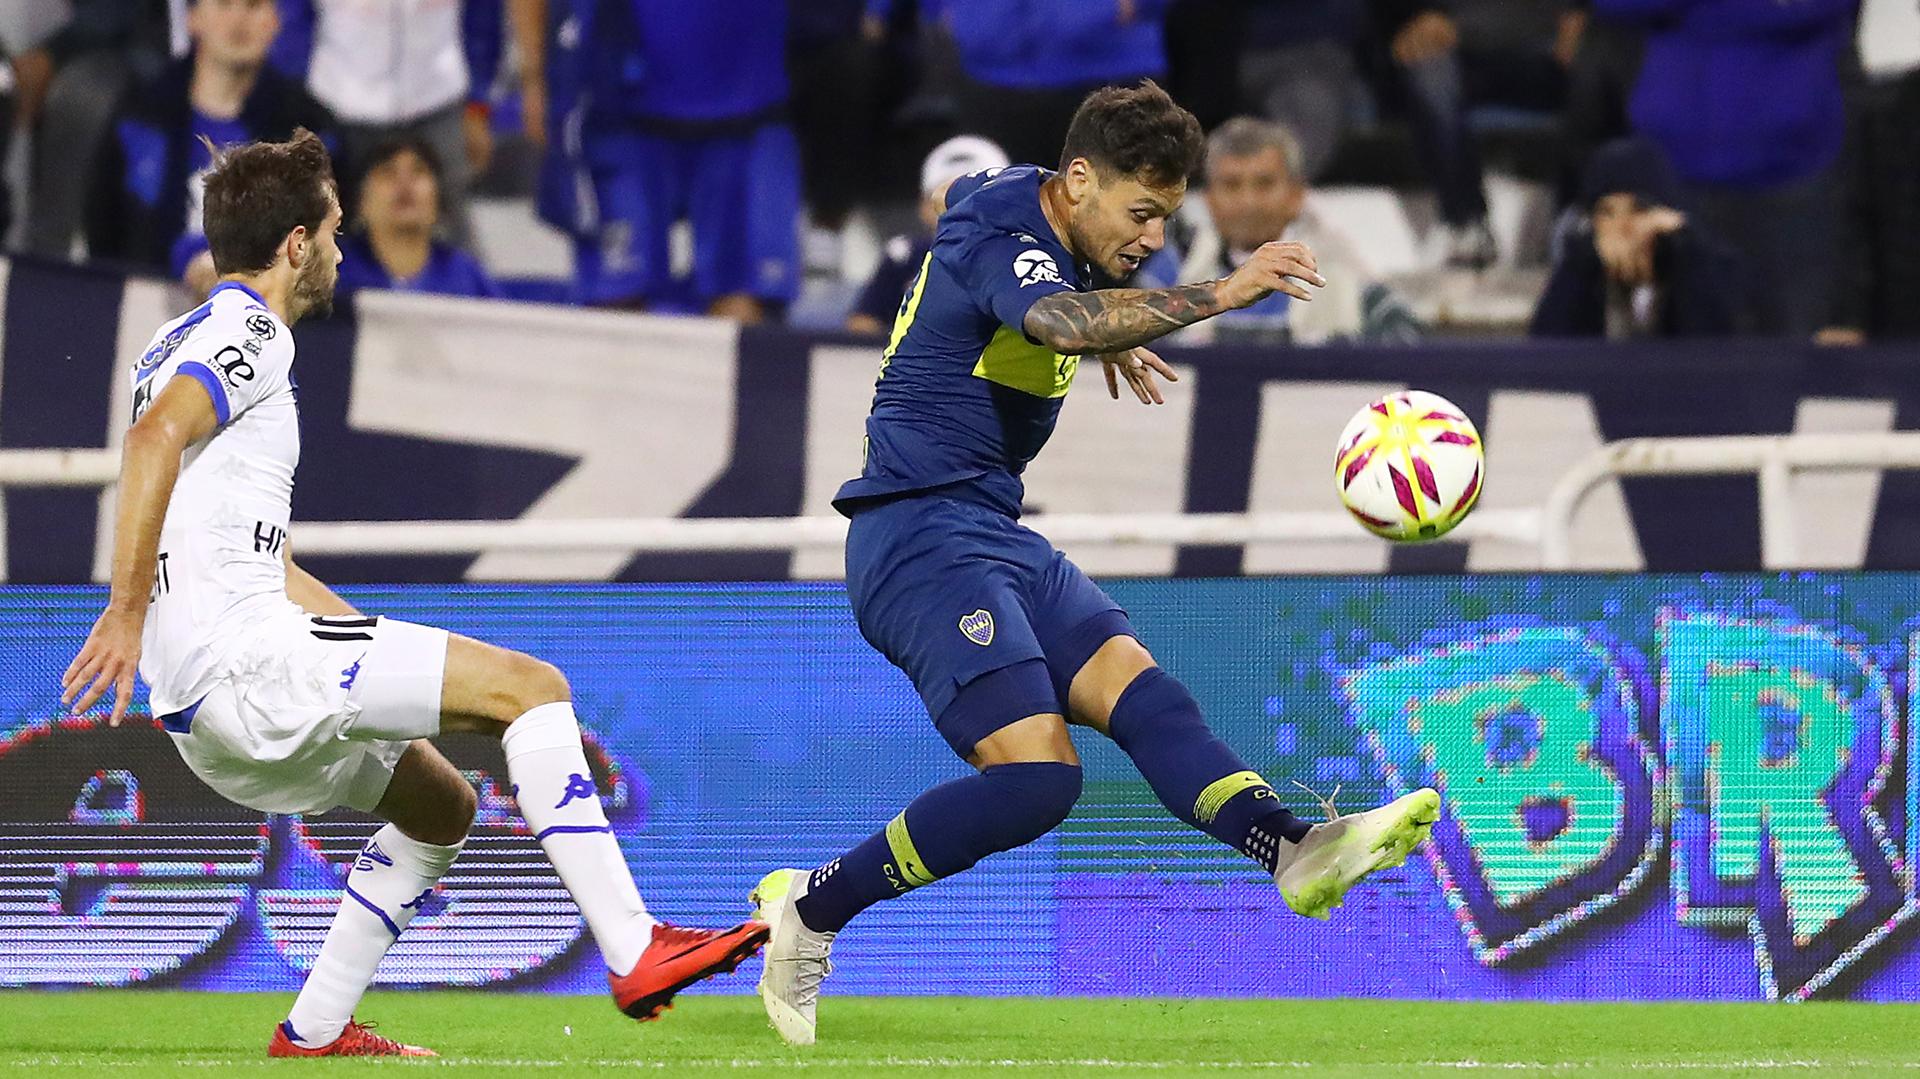 Mauro Zárate volvió a jugar en la cancha de Vélez después de su decisión de dejar el club (Fotobaires)